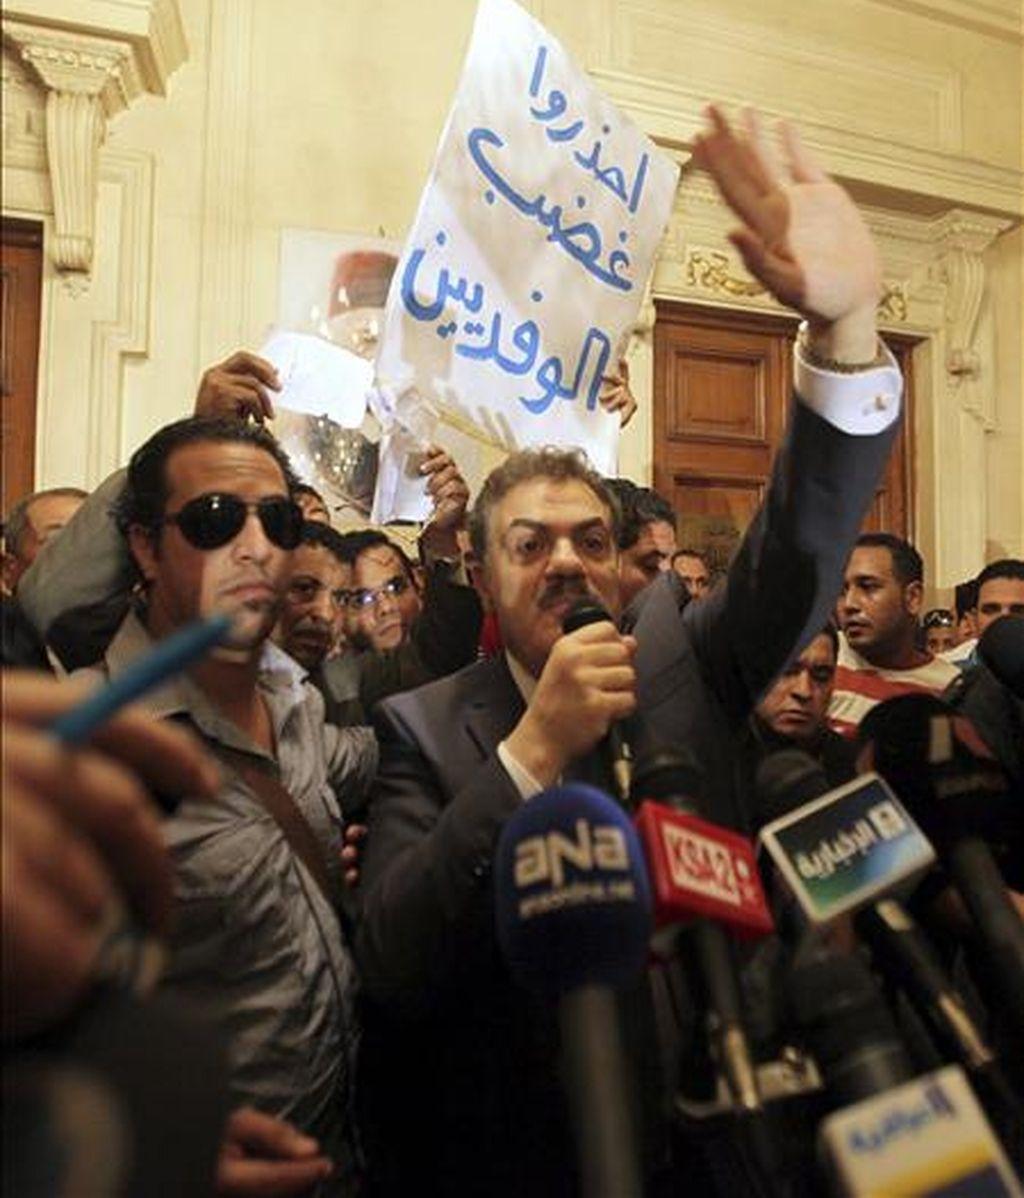 El jefe del partido opositor egipcio Wafd, Al Sayed al Badawi (c), comparece hoy en una rueda de prensa en El Cairo, Egipto. El partido liberal Wafd confirmó hoy su decisión de retirarse de la segunda vuelta de las elecciones parlamentarias en Egipto, que se celebrarán el próximo domingo, en protesta por el fraude cometido en la primera ronda de los comicios. EFE